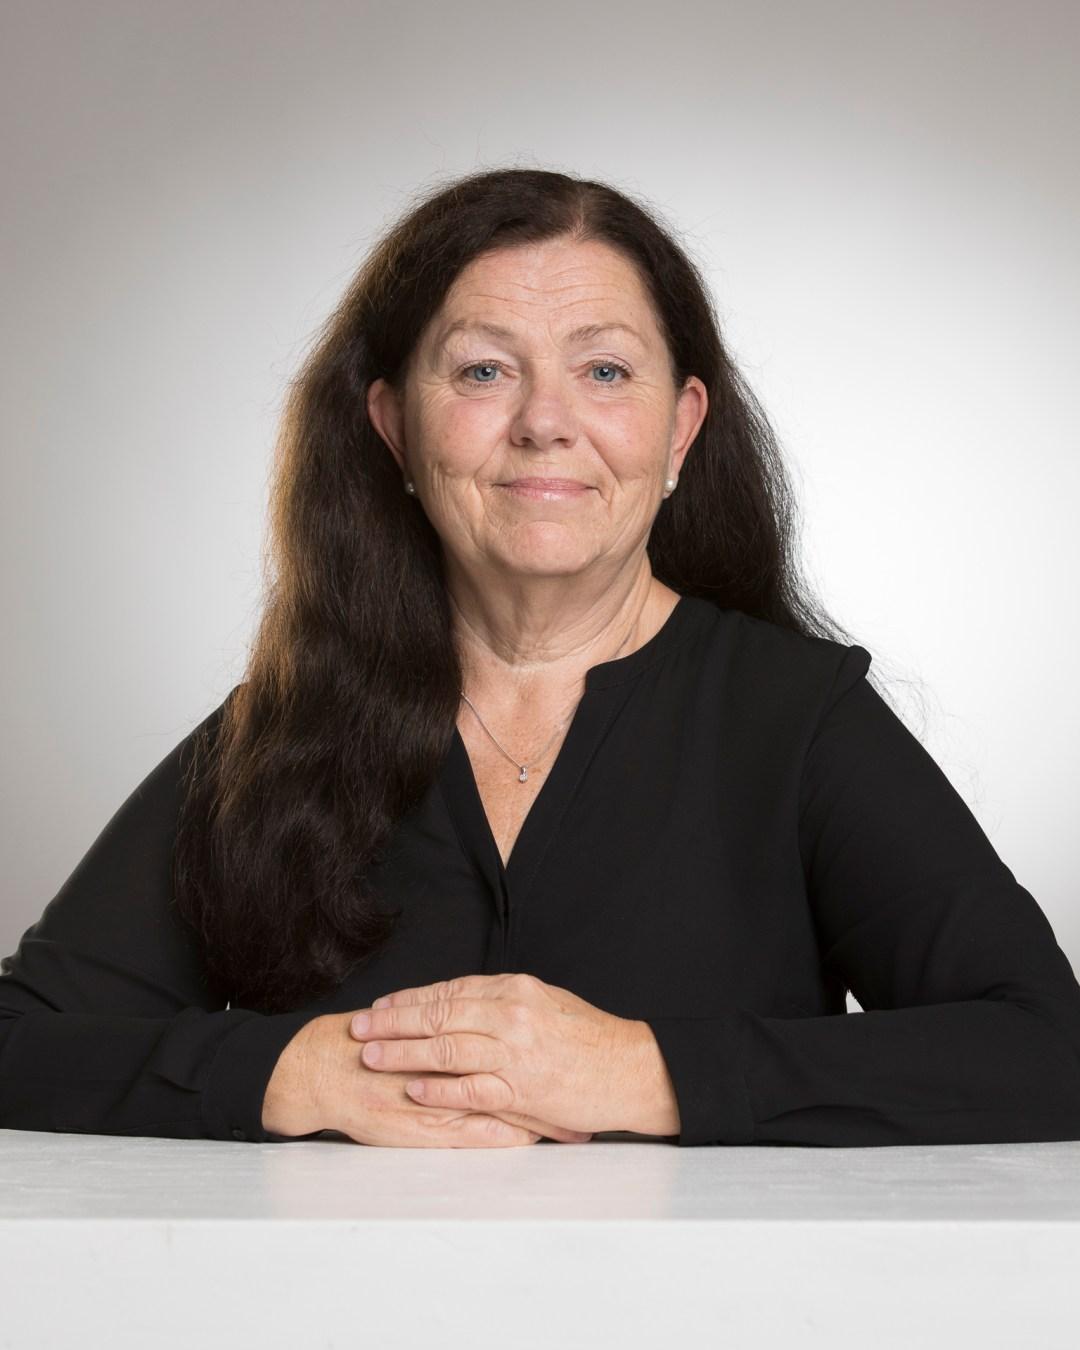 Ann-Britt Stigfur